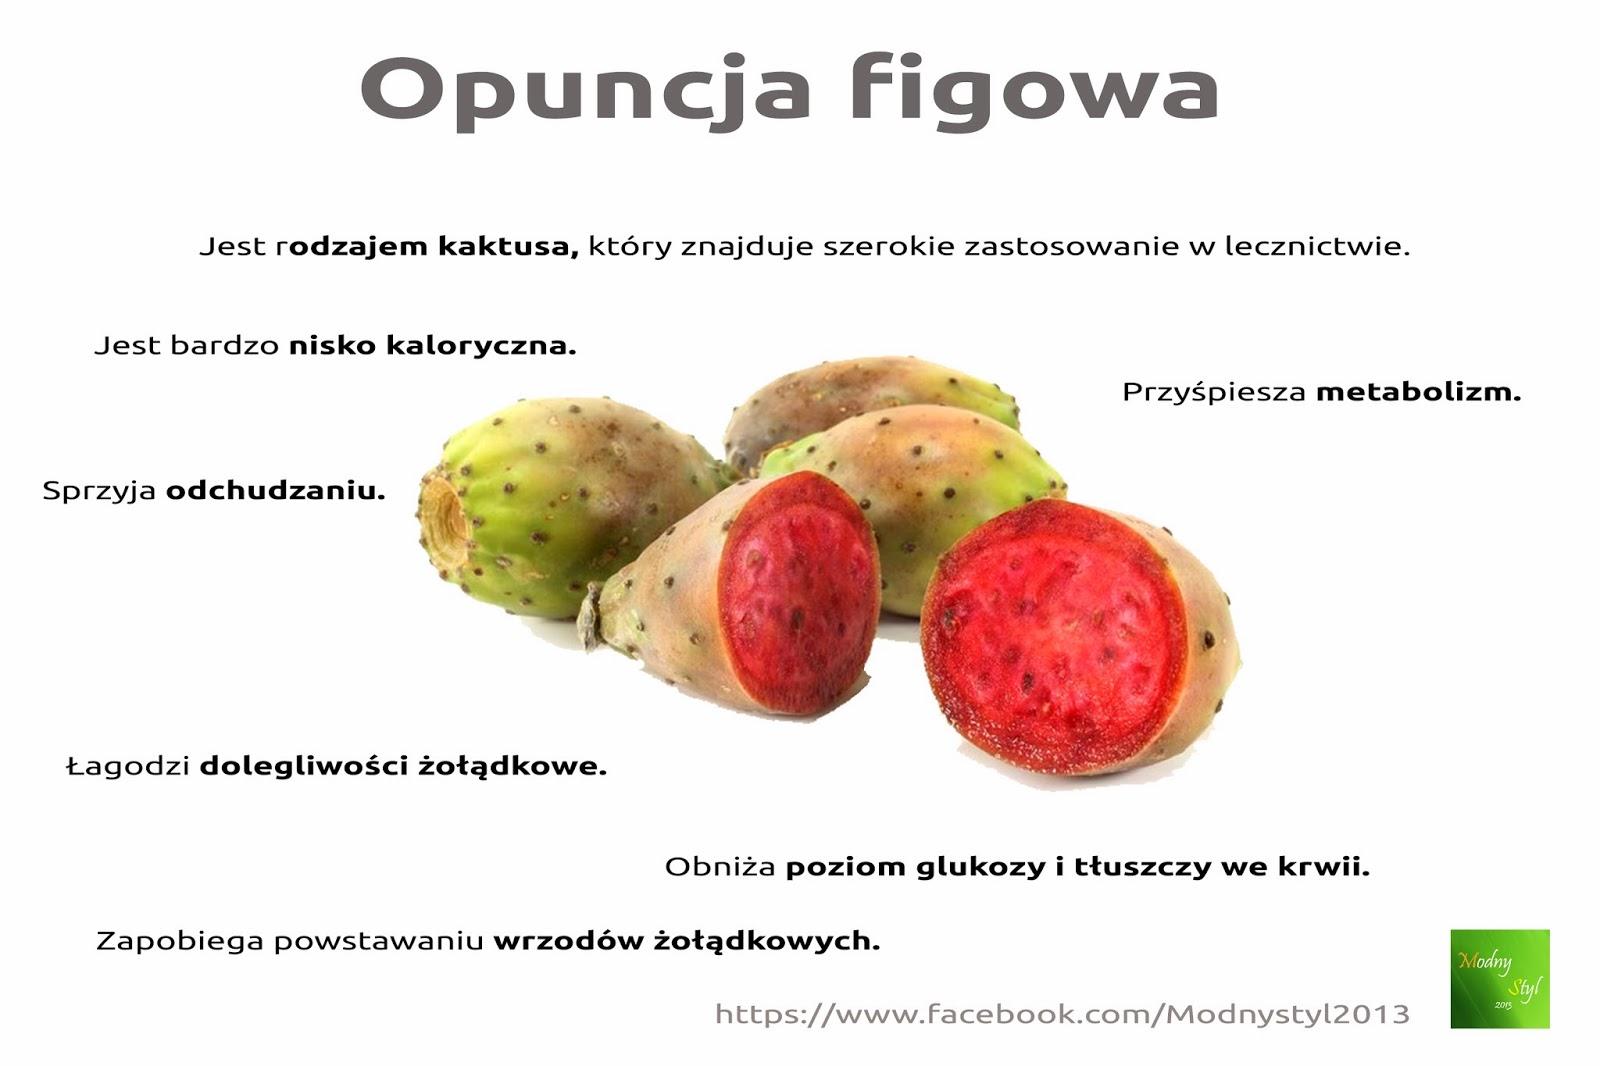 Zdrowa opuncja figowa